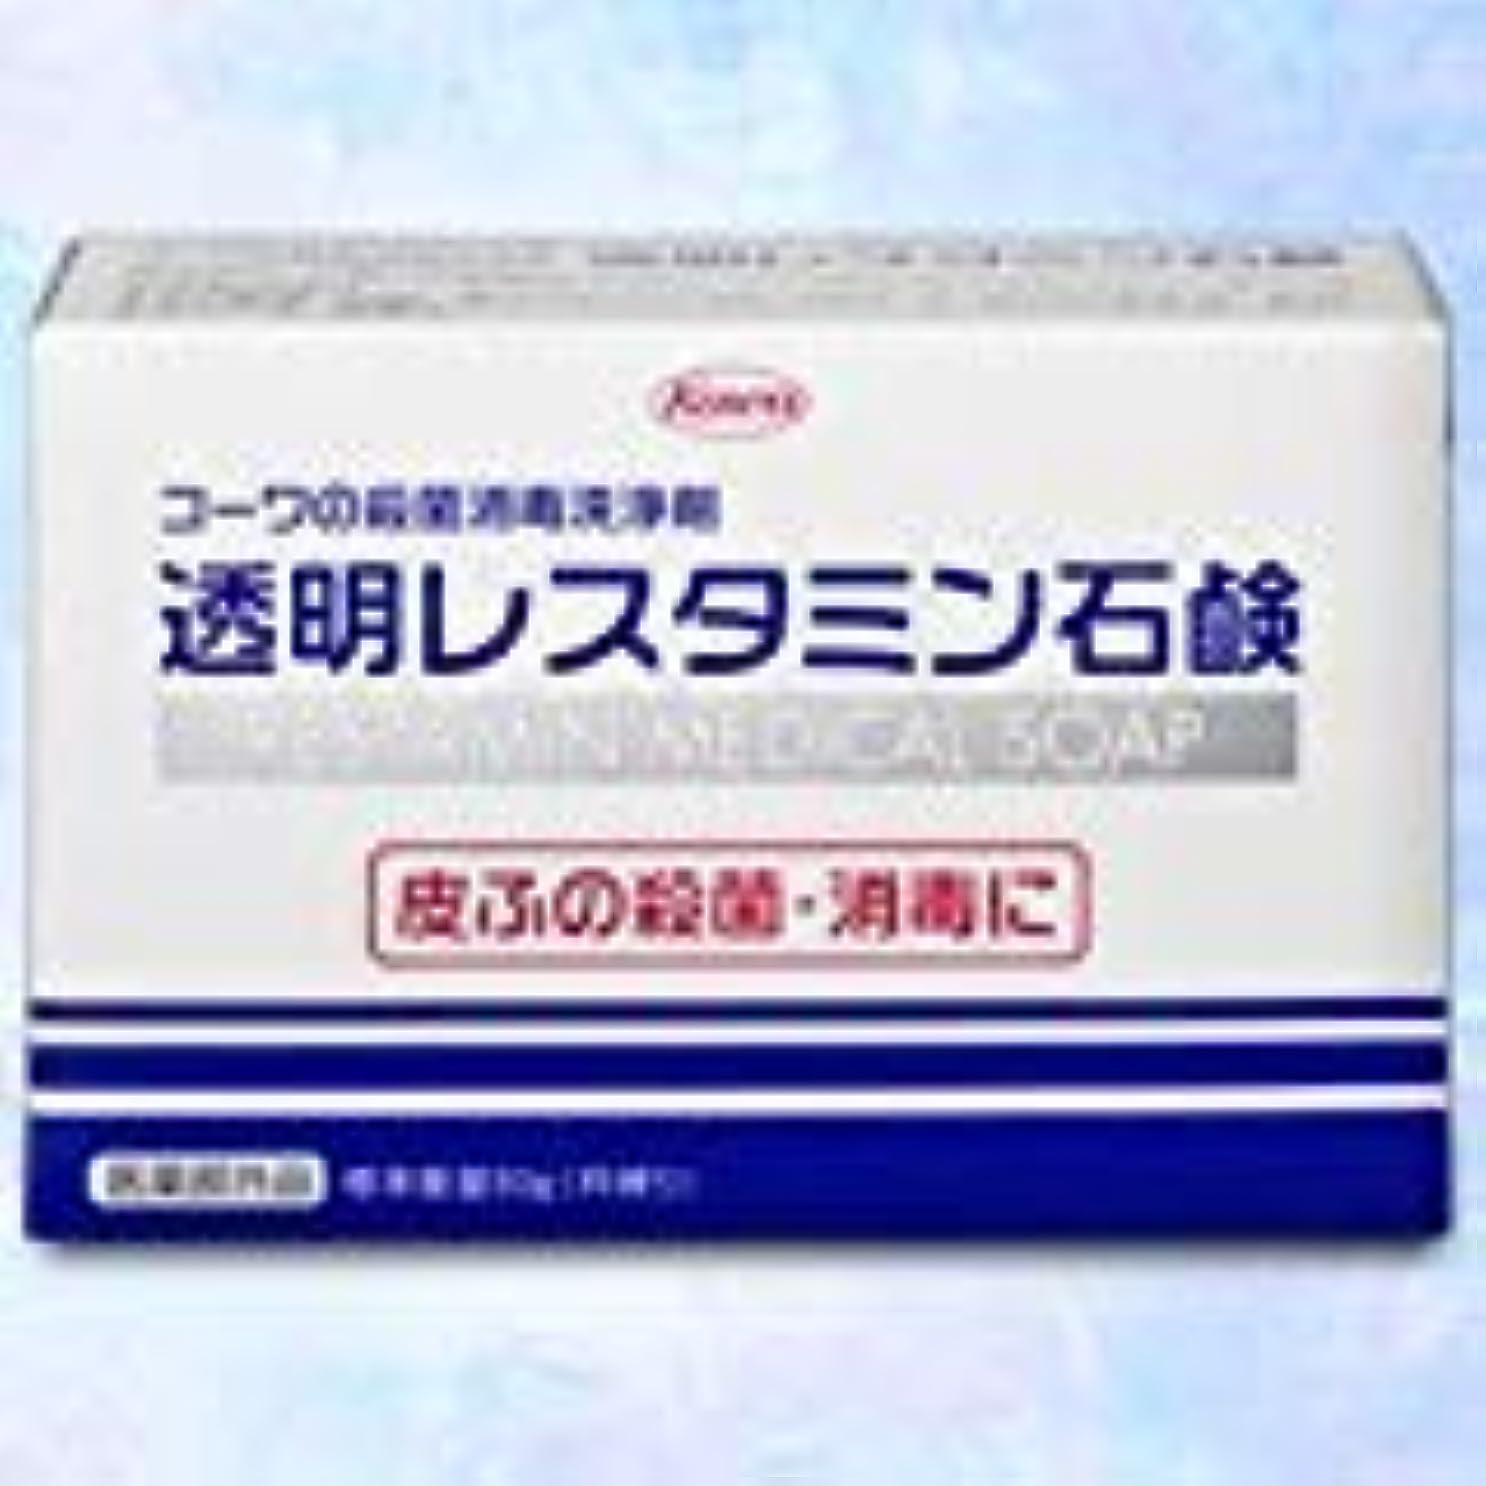 ドアミラー作物事業【興和】コーワの殺菌消毒洗浄剤「透明レスタミン石鹸」80g(医薬部外品) ×5個セット